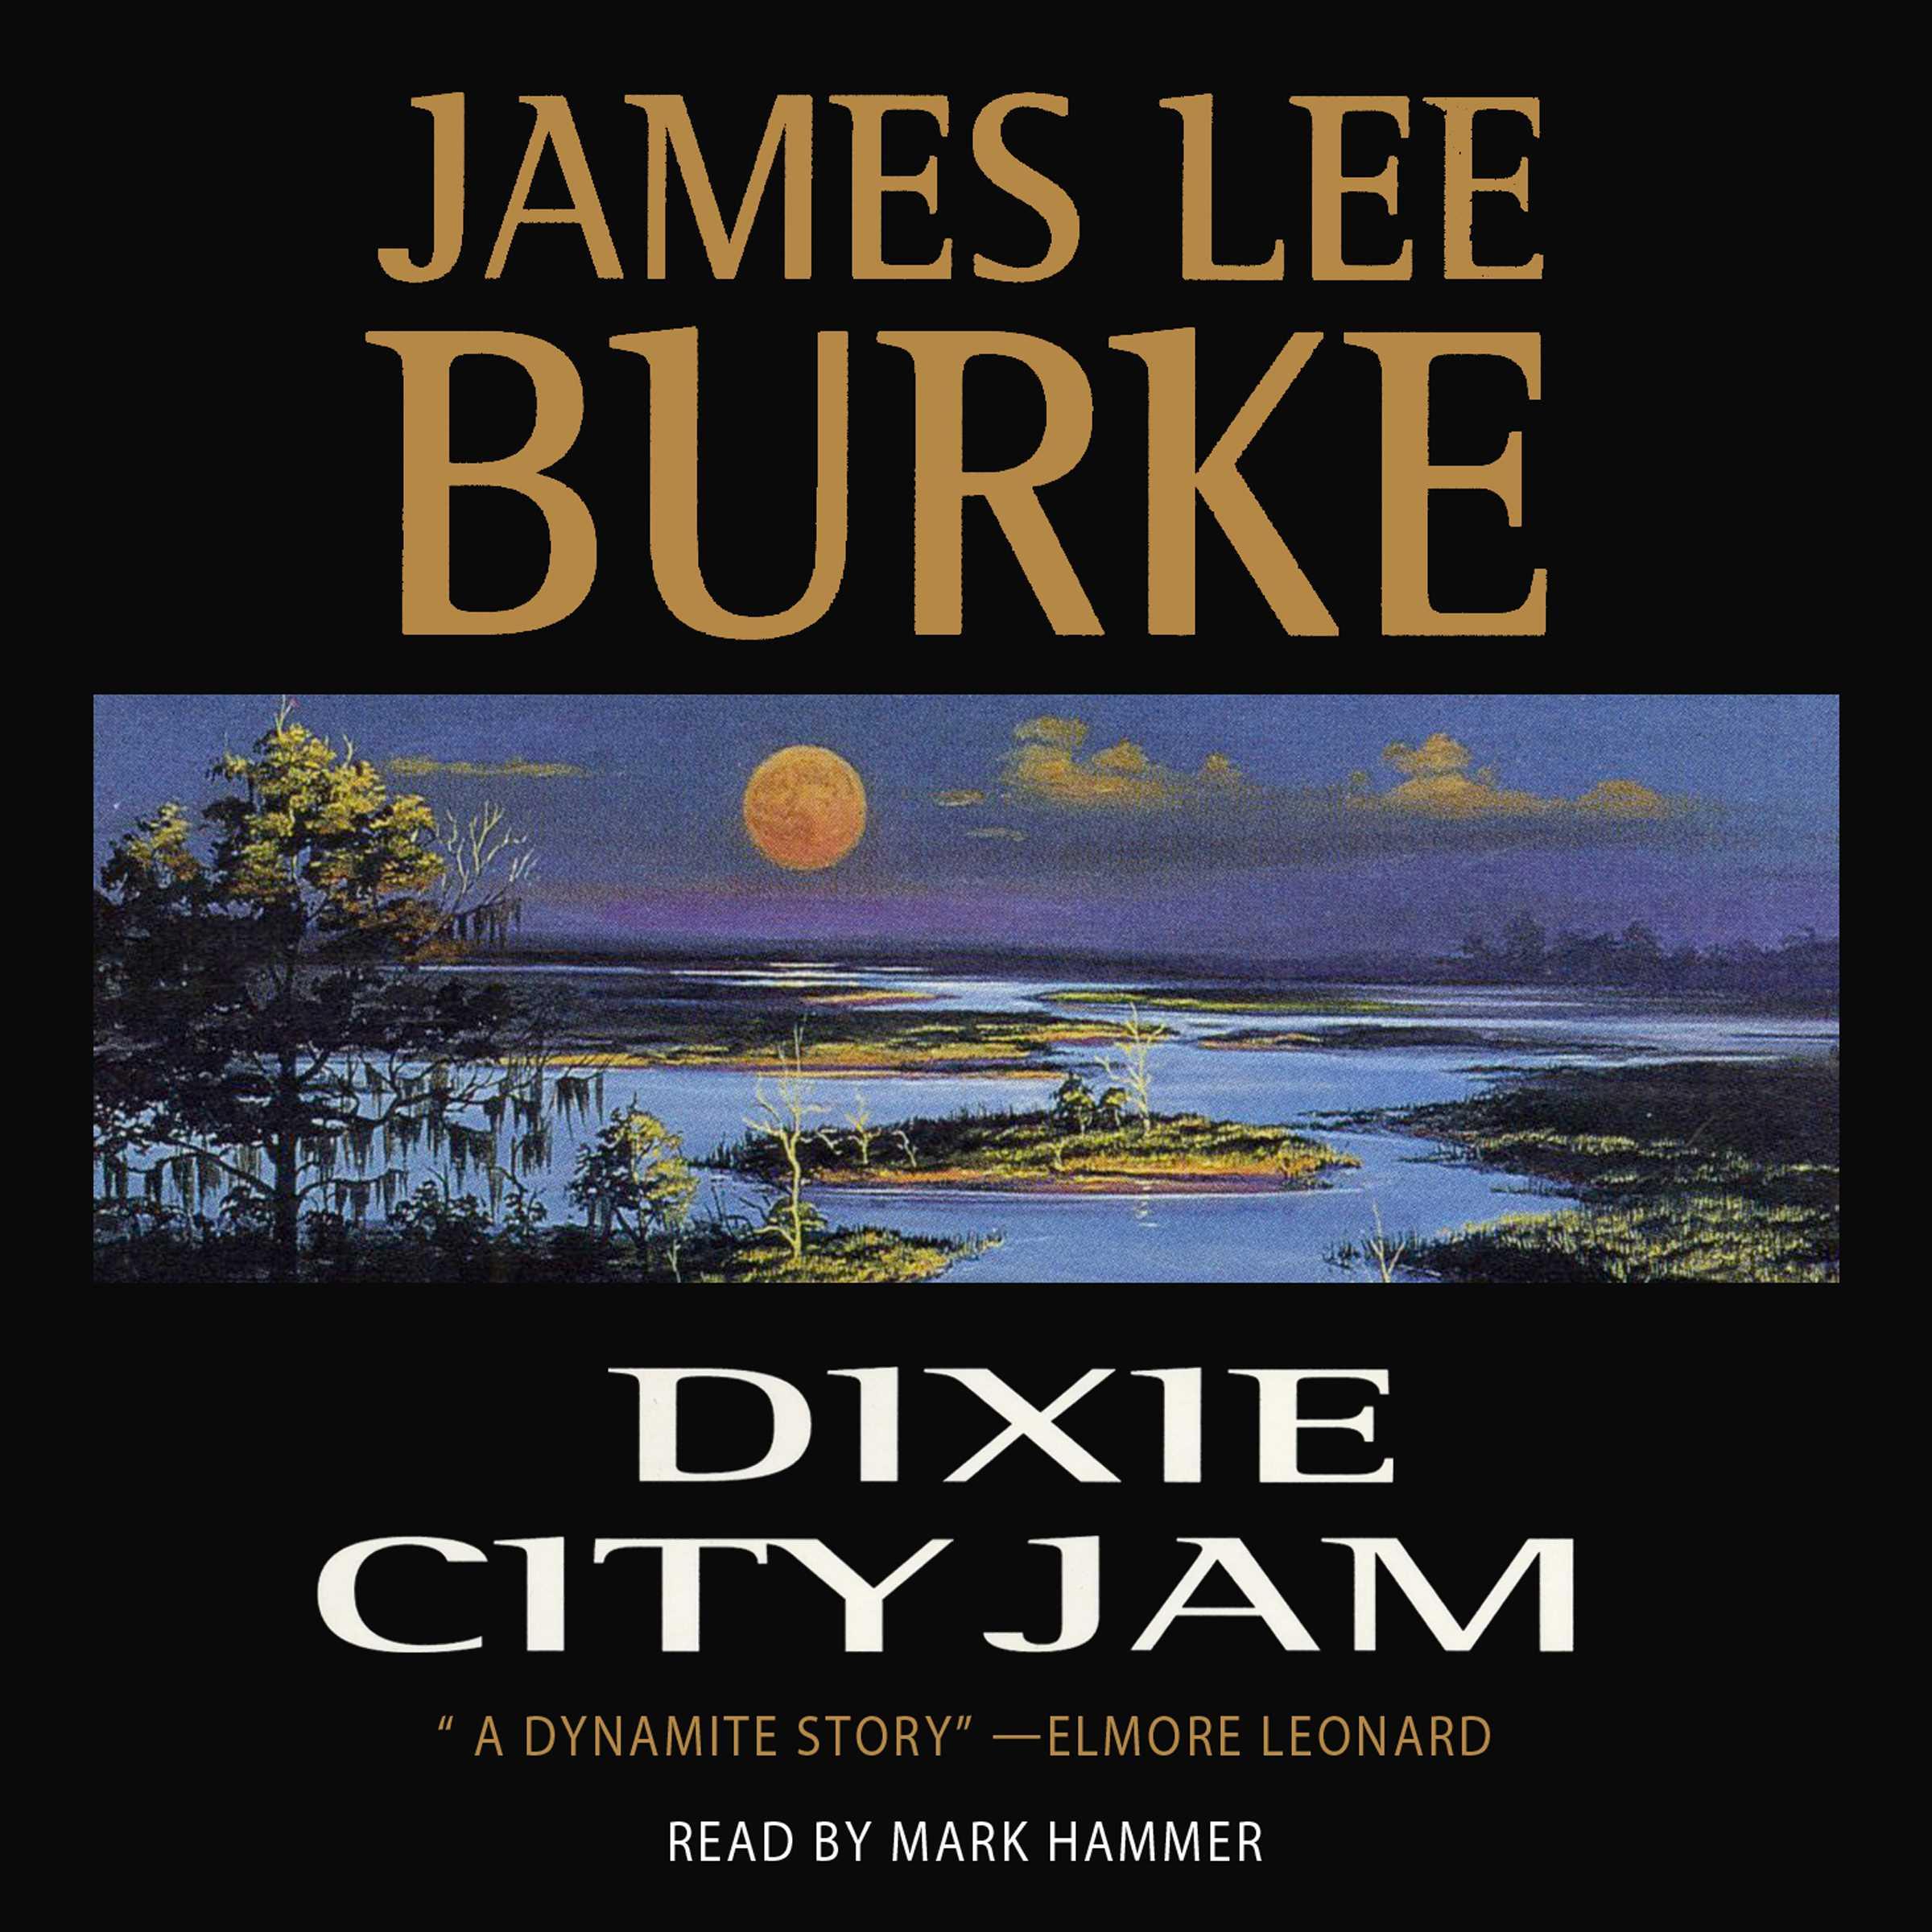 Dixie city jam 9780743561440 hr